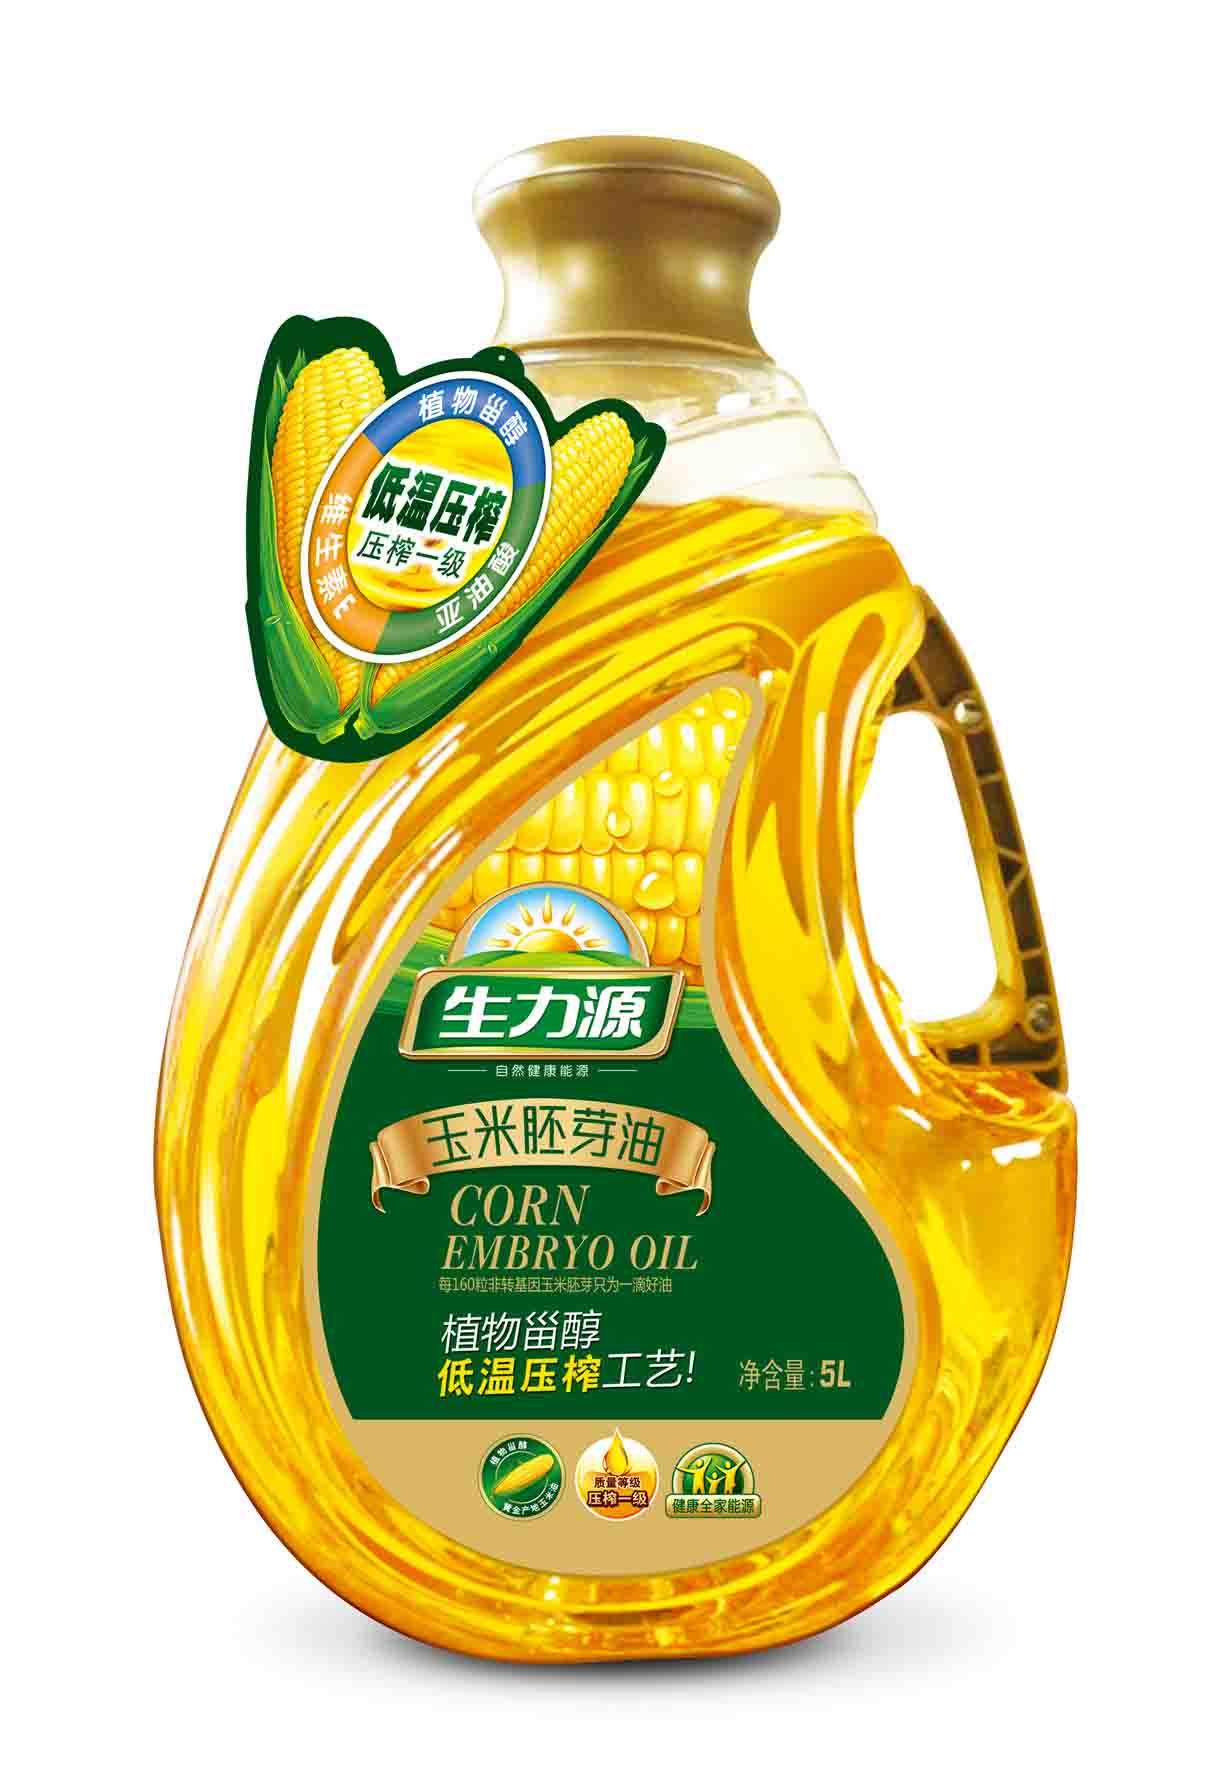 5L高端玉米胚芽油